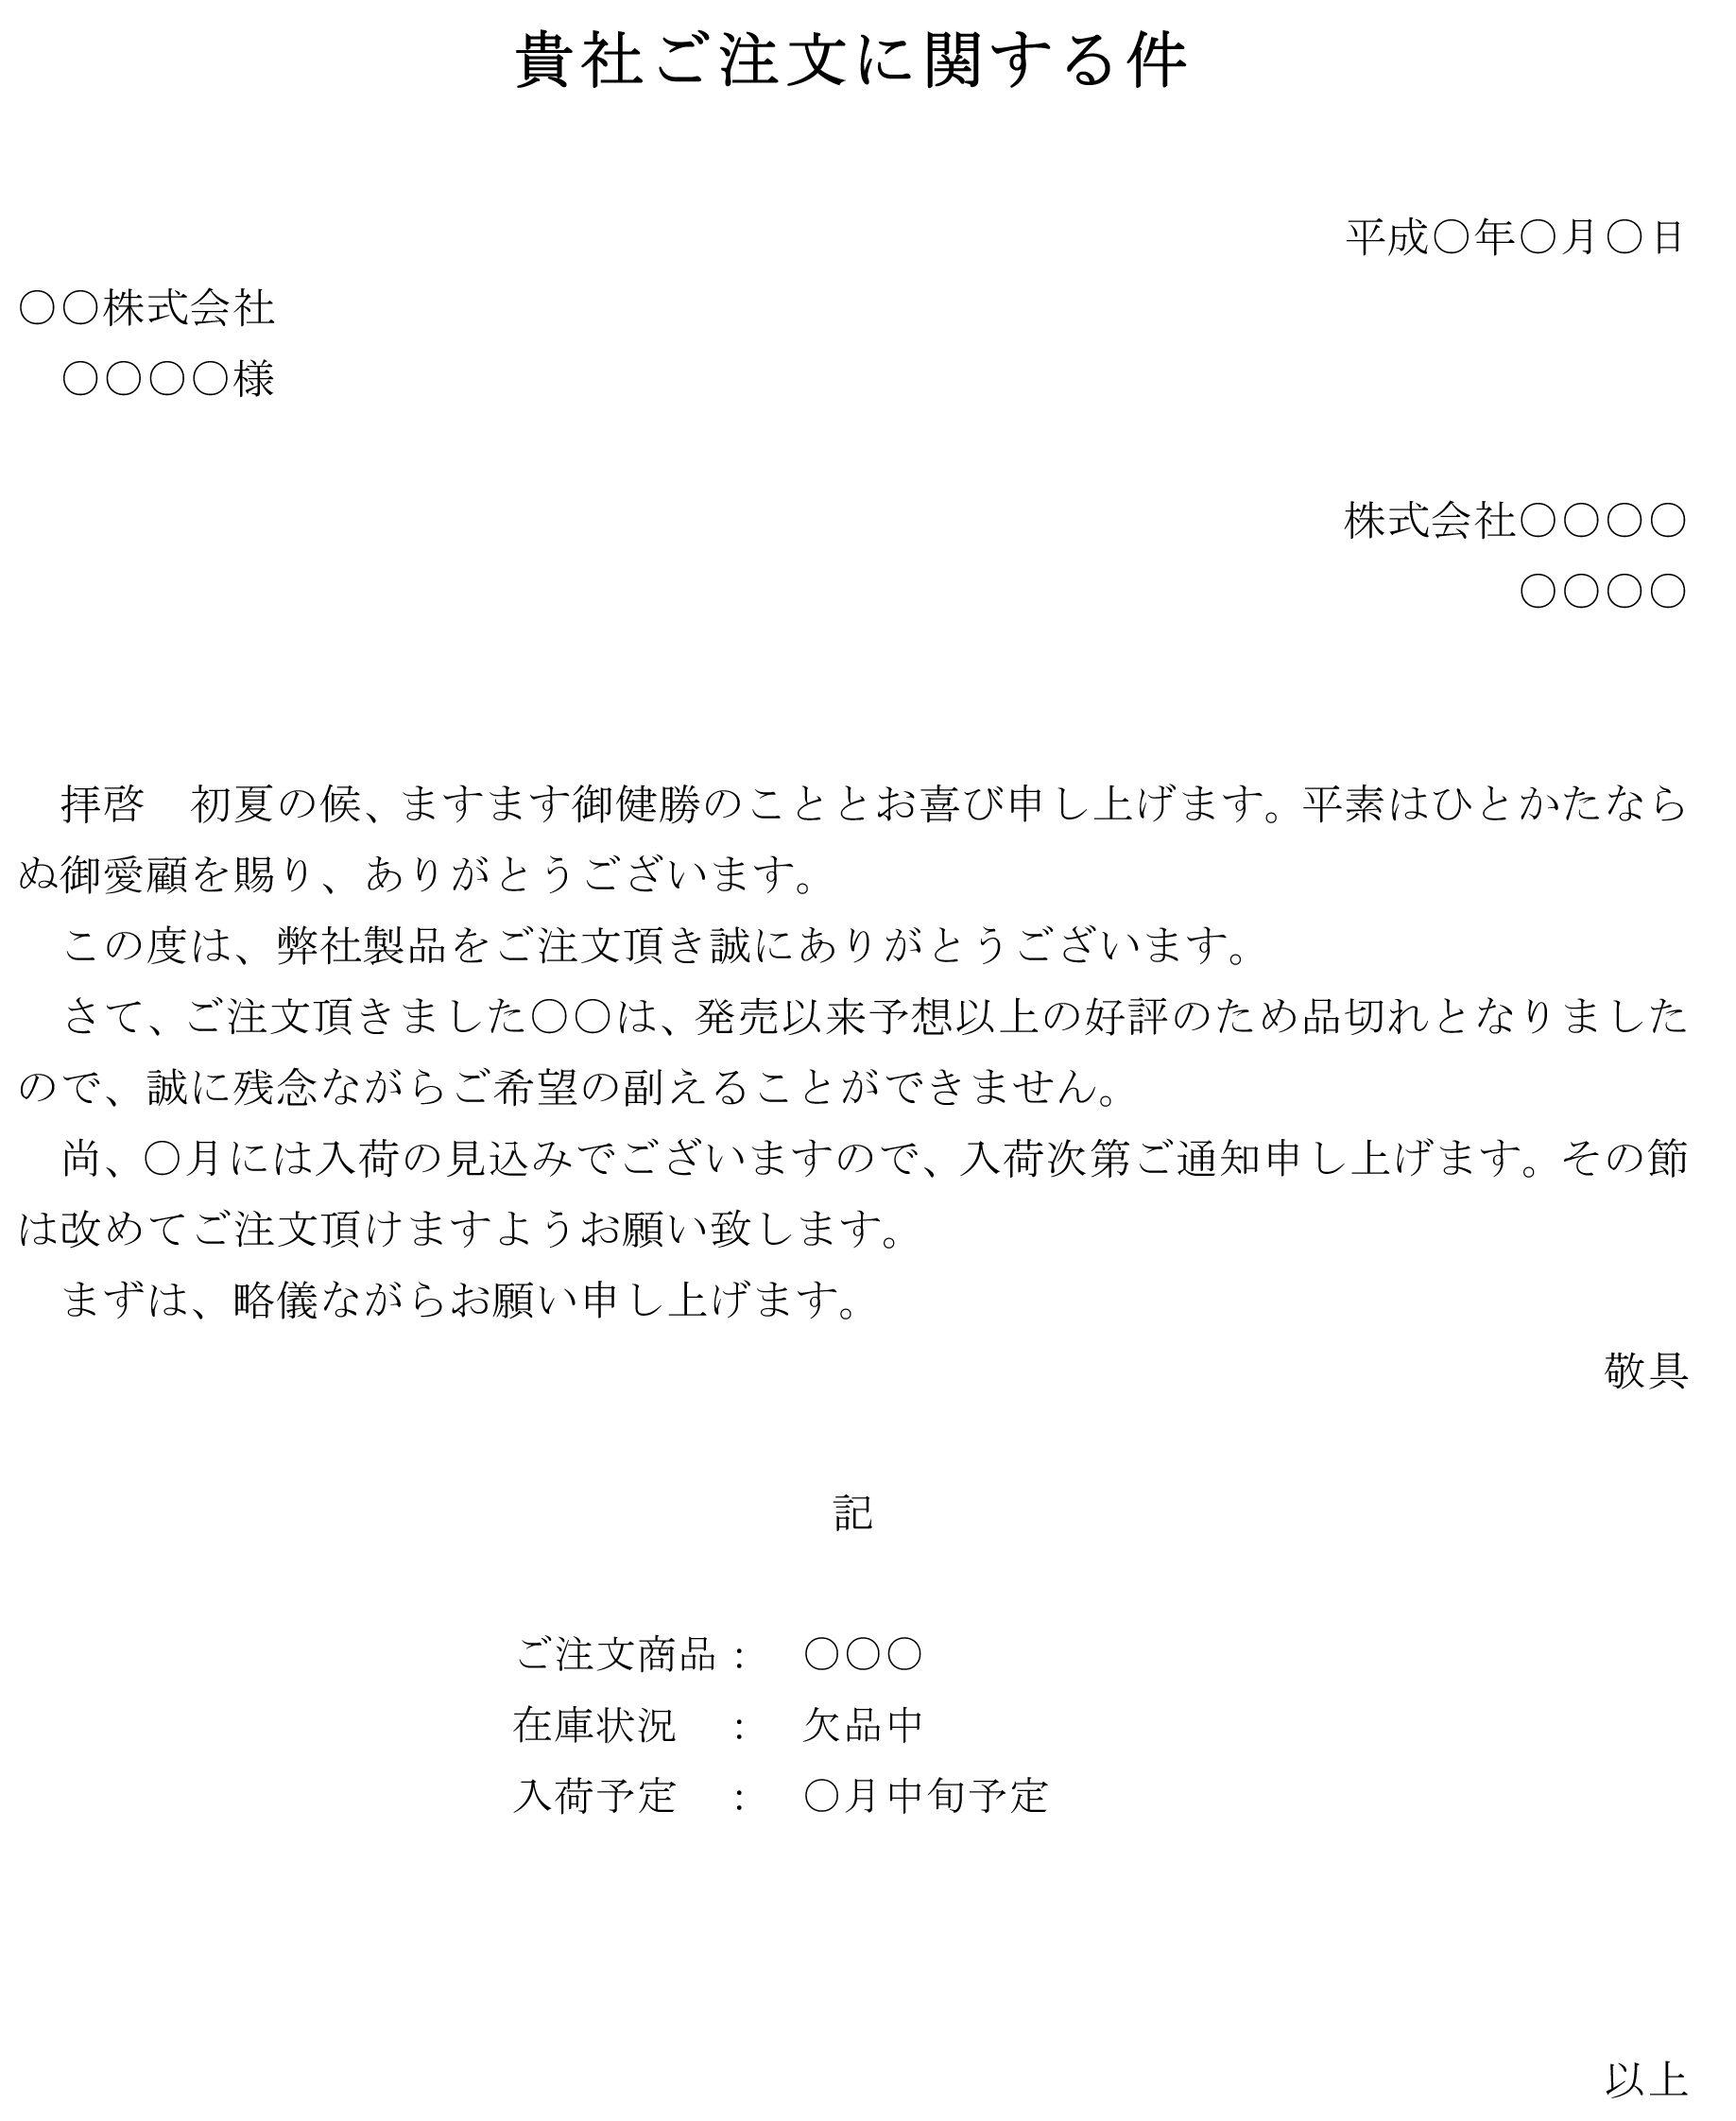 お詫び状(品切れ)02